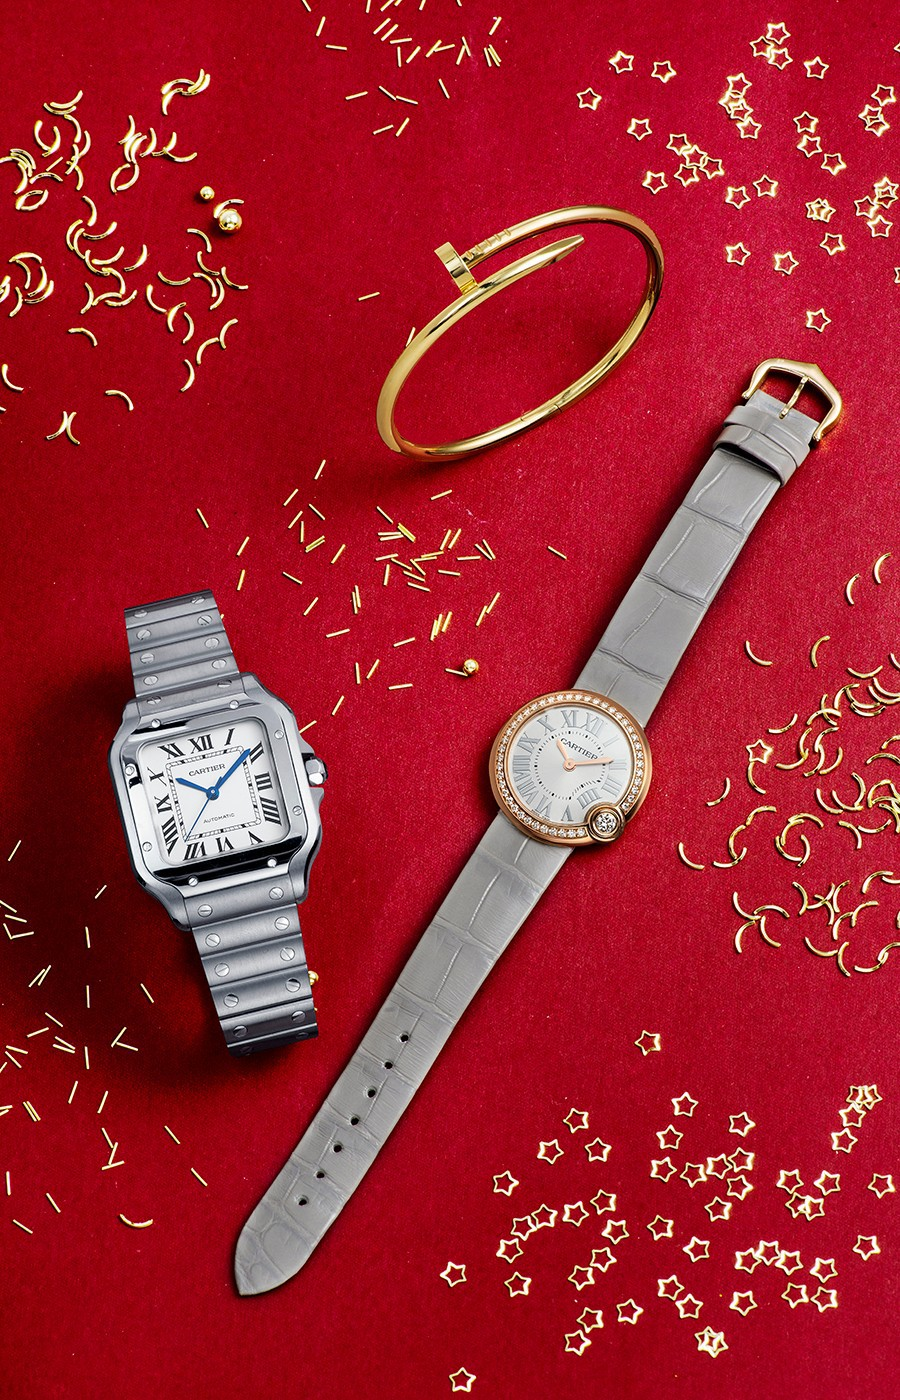 卡地亚手表更换表盘